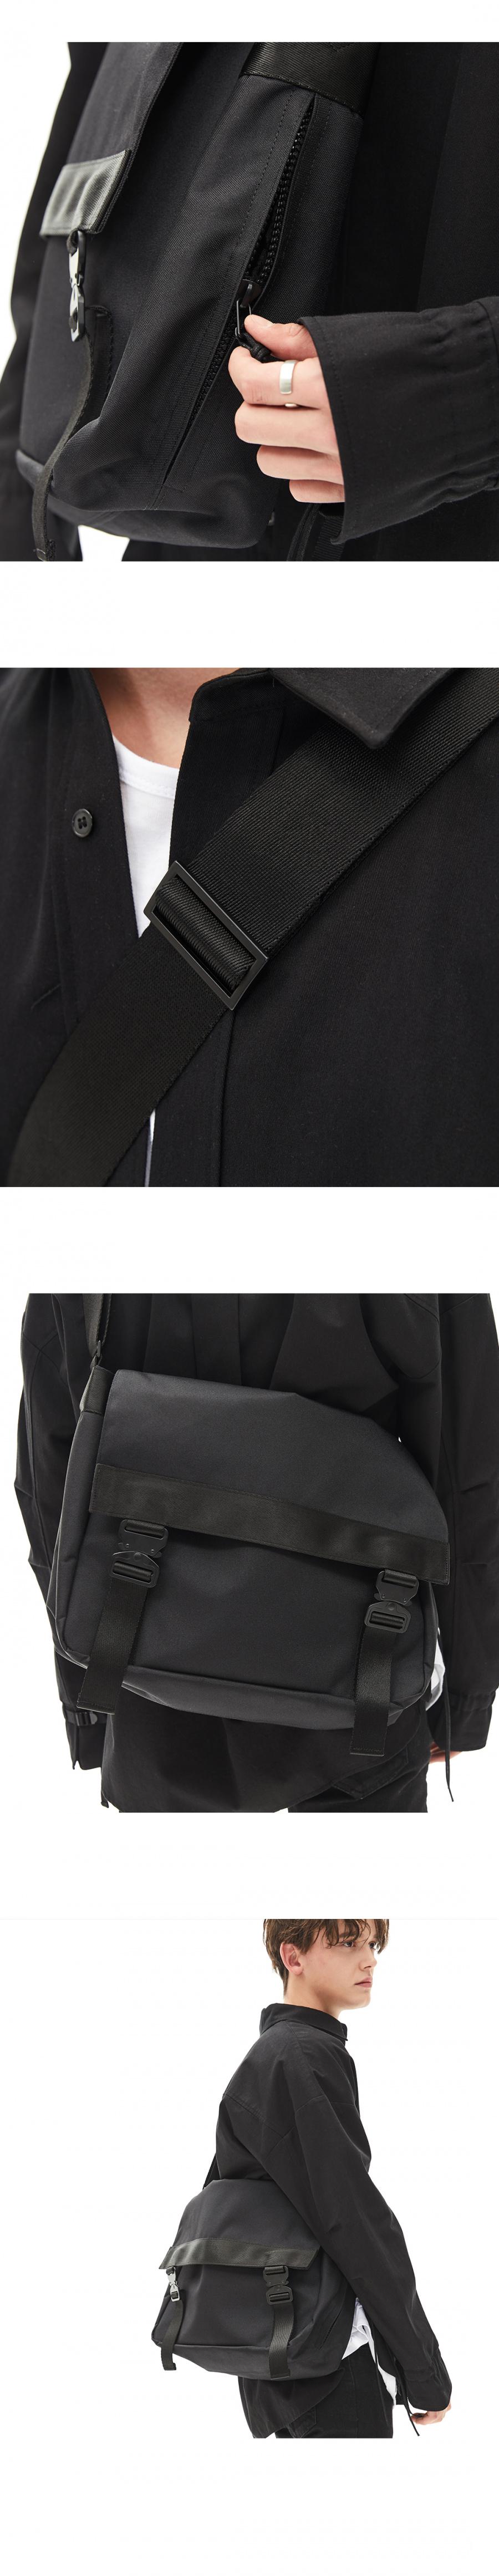 메종미네드(MAISON MINED) (6차 REORDER)TWO BUCKLE MESSENGER BAG